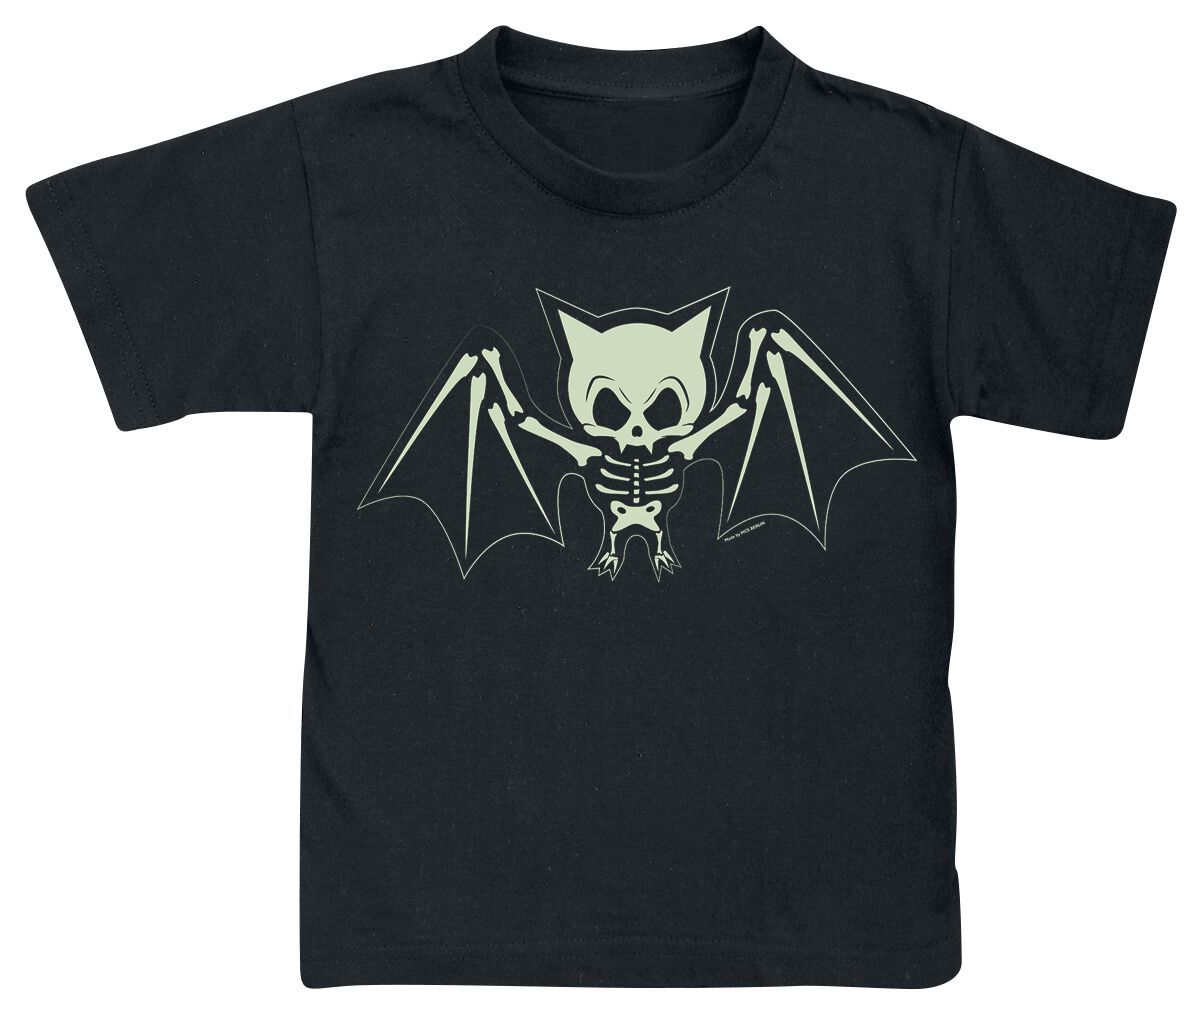 Obraz z Bat Skeleton Koszulka dziecięca czarny